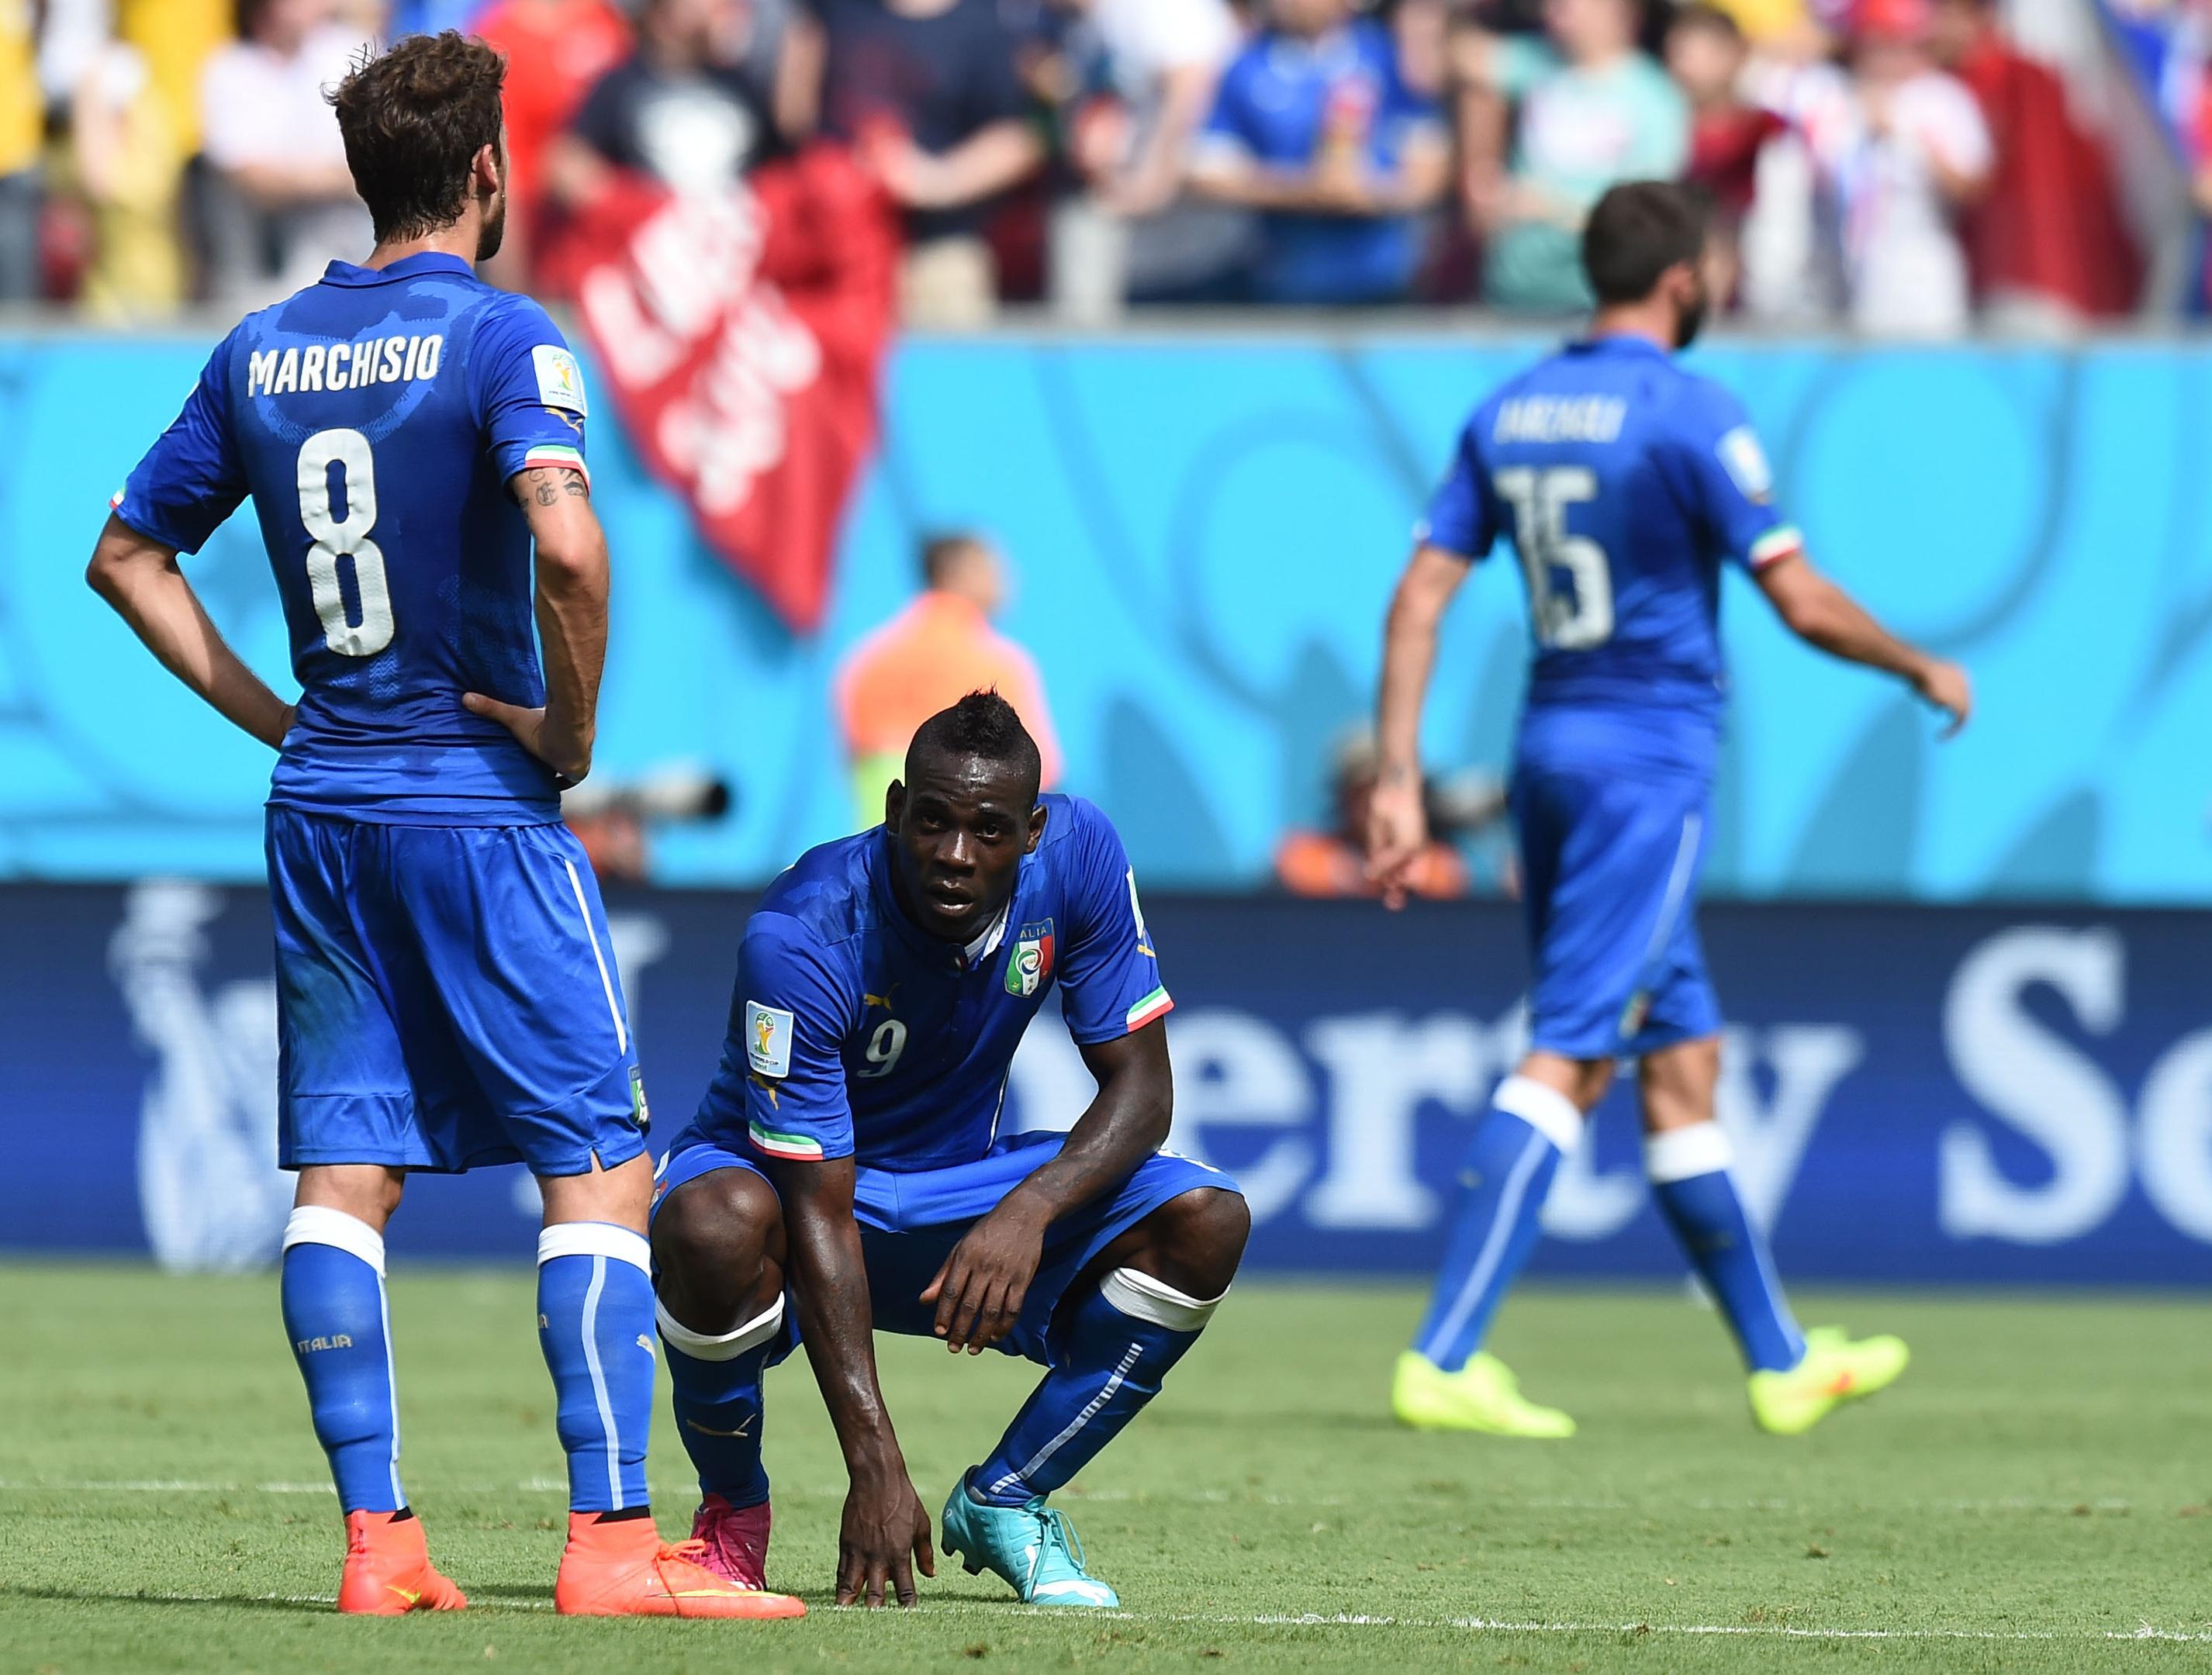 La coupe du monde 2014 en images jour 9 football - Jeux de football coupe du monde 2014 ...